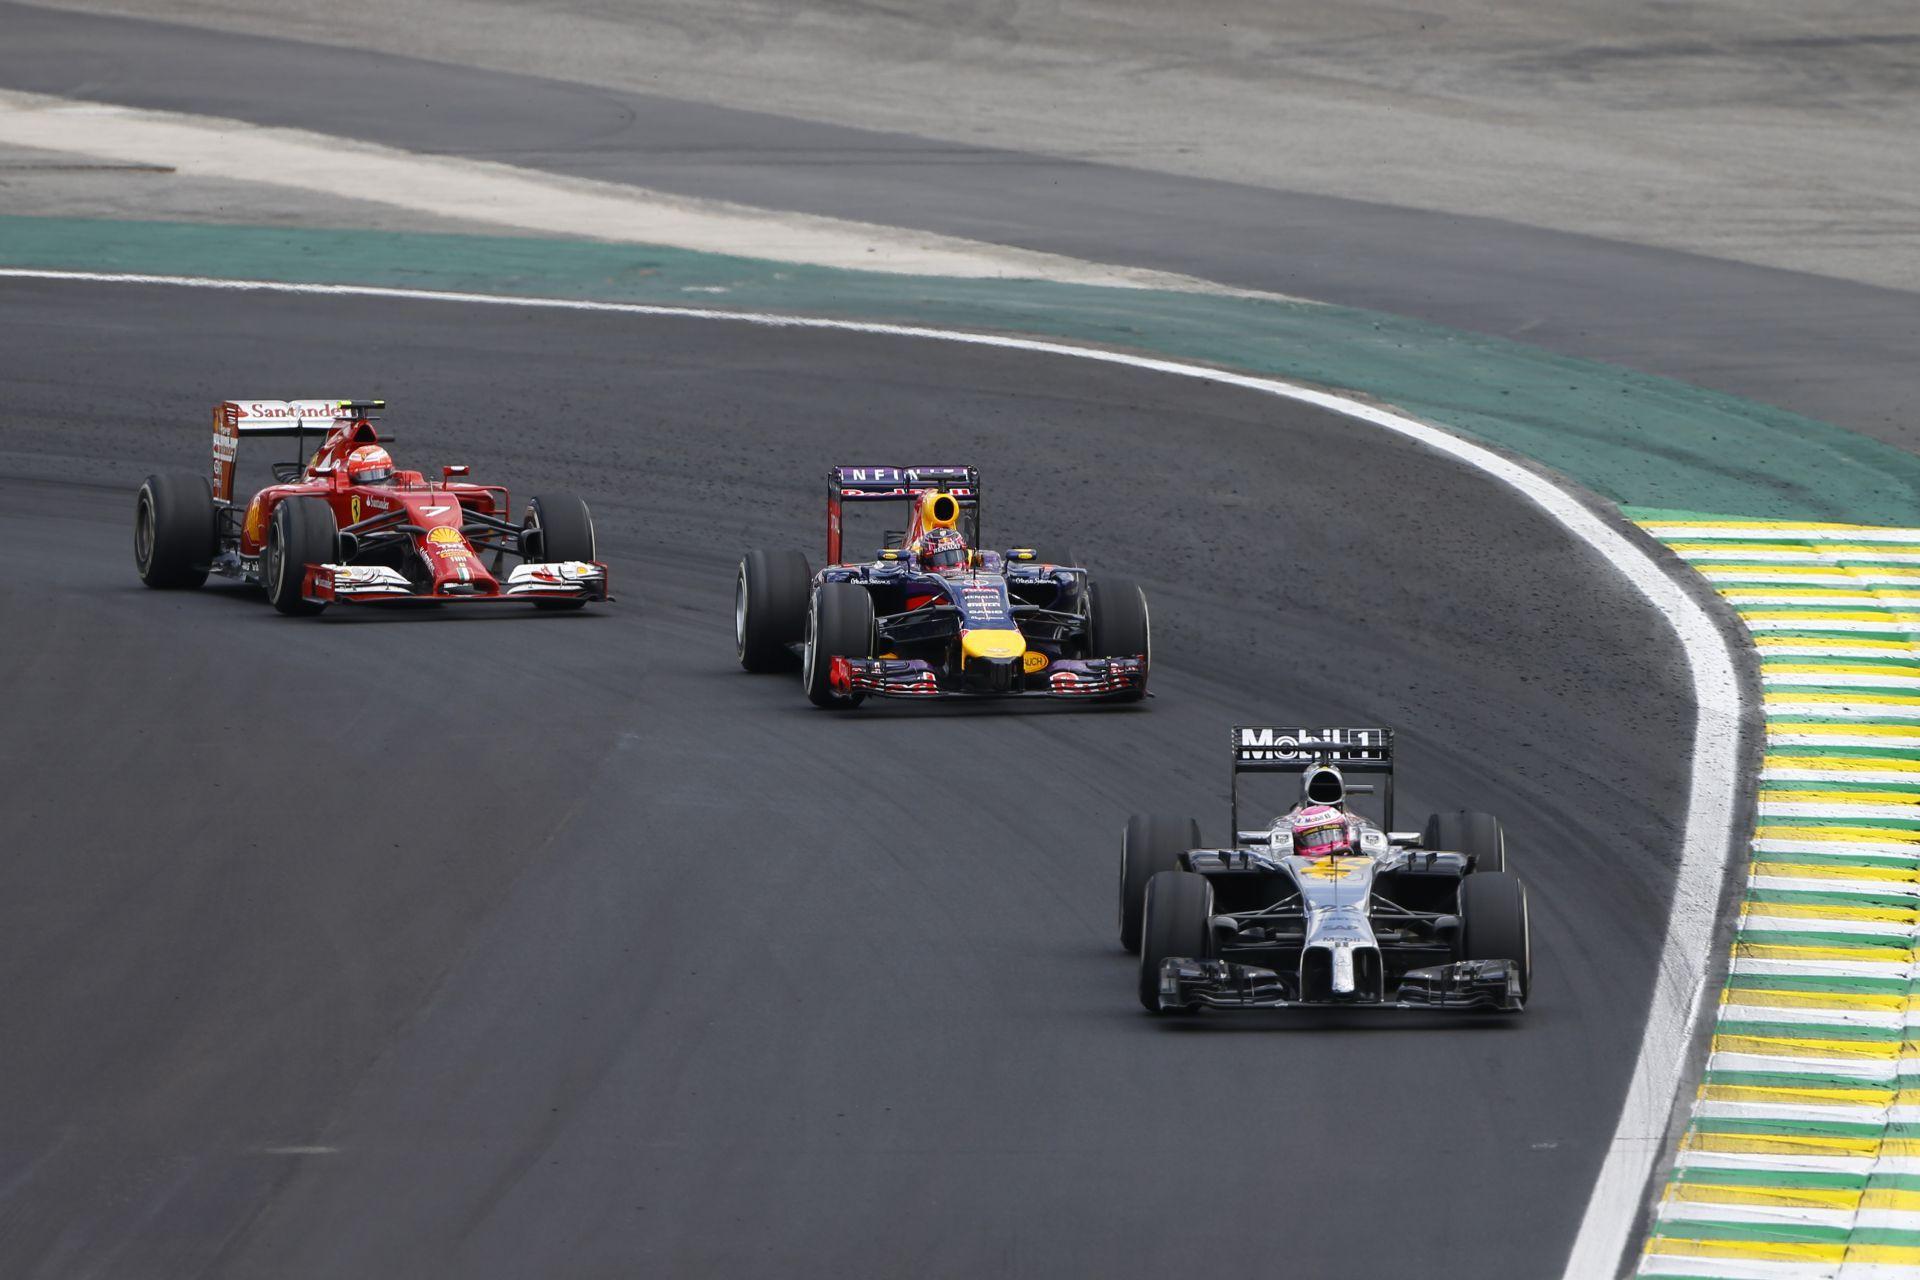 Ha kiszáll a Red Bull, a Toro Rosso, és a Lotus, a következő csapatok indíthatnak három autót a Forma-1-ben!